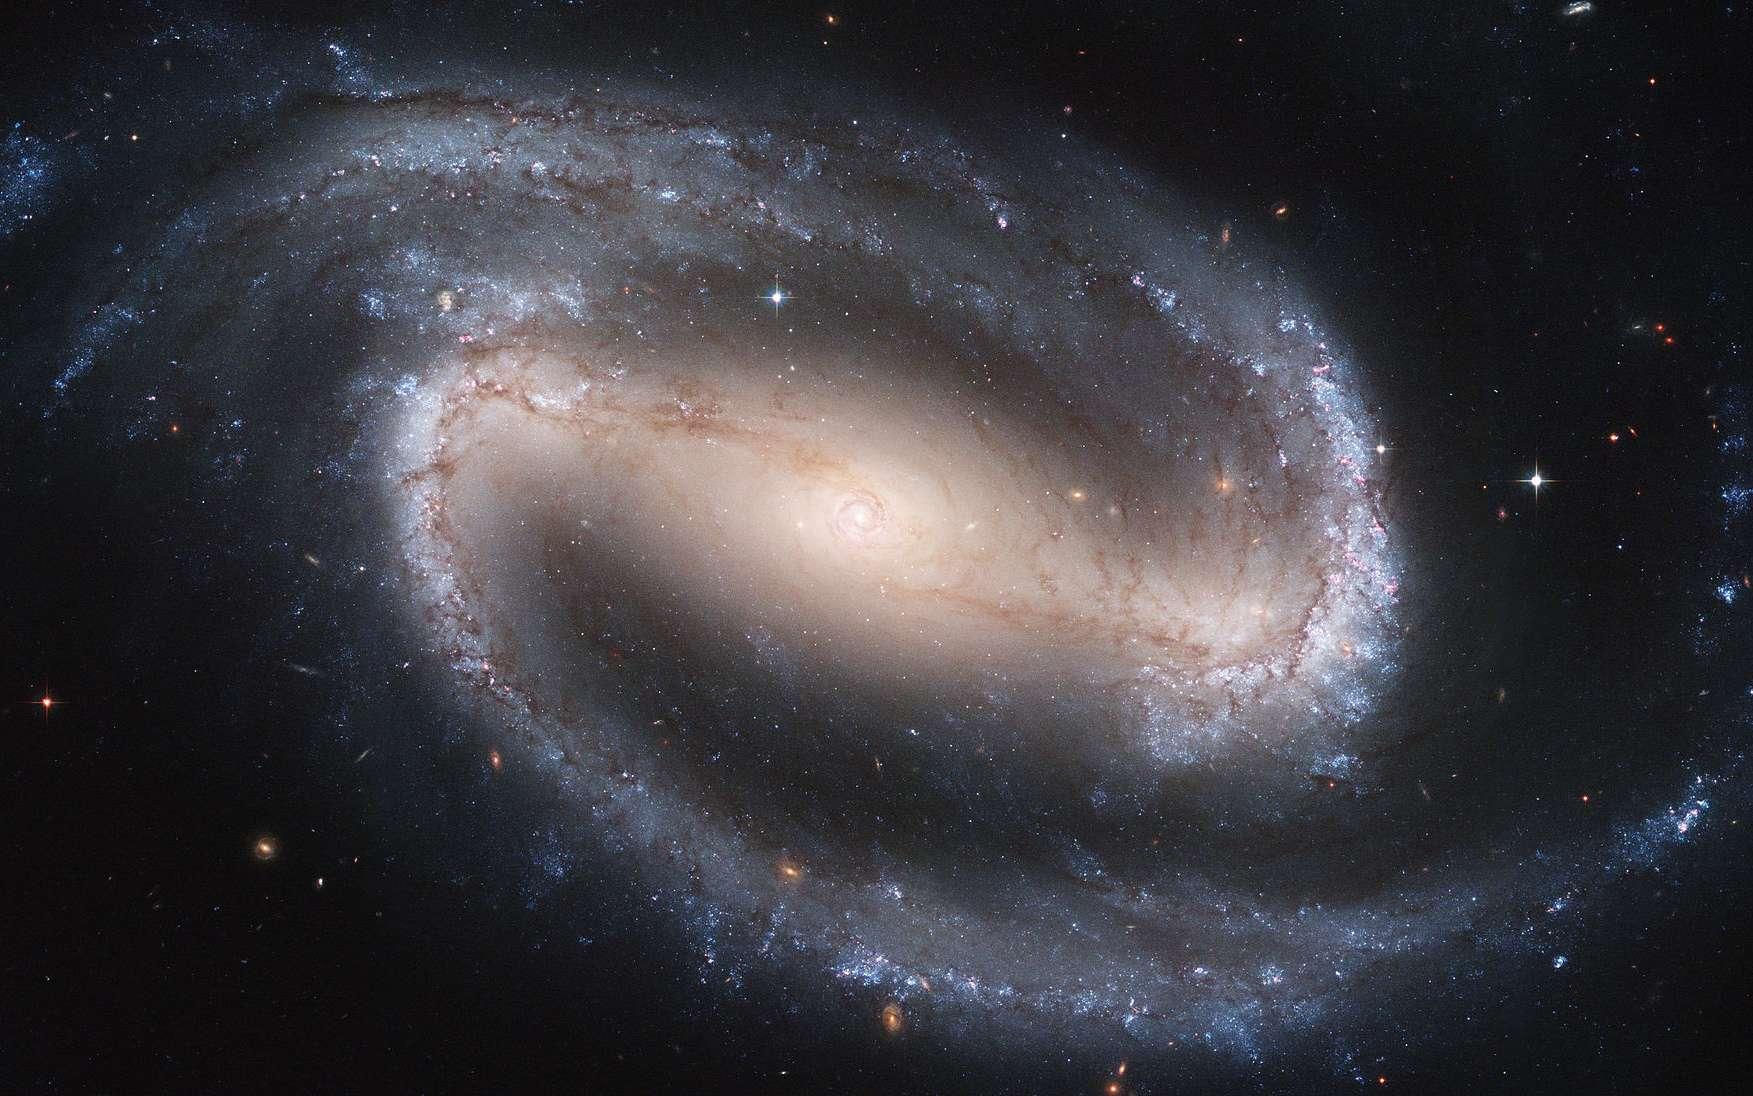 NGC 1300, une galaxie spirale barrée située à 69 millions d'années-lumière de nous dans la constellation de l'Éridan. La lumière des étoiles et de la poussière est visible en bleu. Celle des amas stellaires est soulignée par le rouge de l'hydrogène. Cette image est issue de l'assemblage de deux clichés pris par la caméra ACS de Hubble. © Nasa, Esa